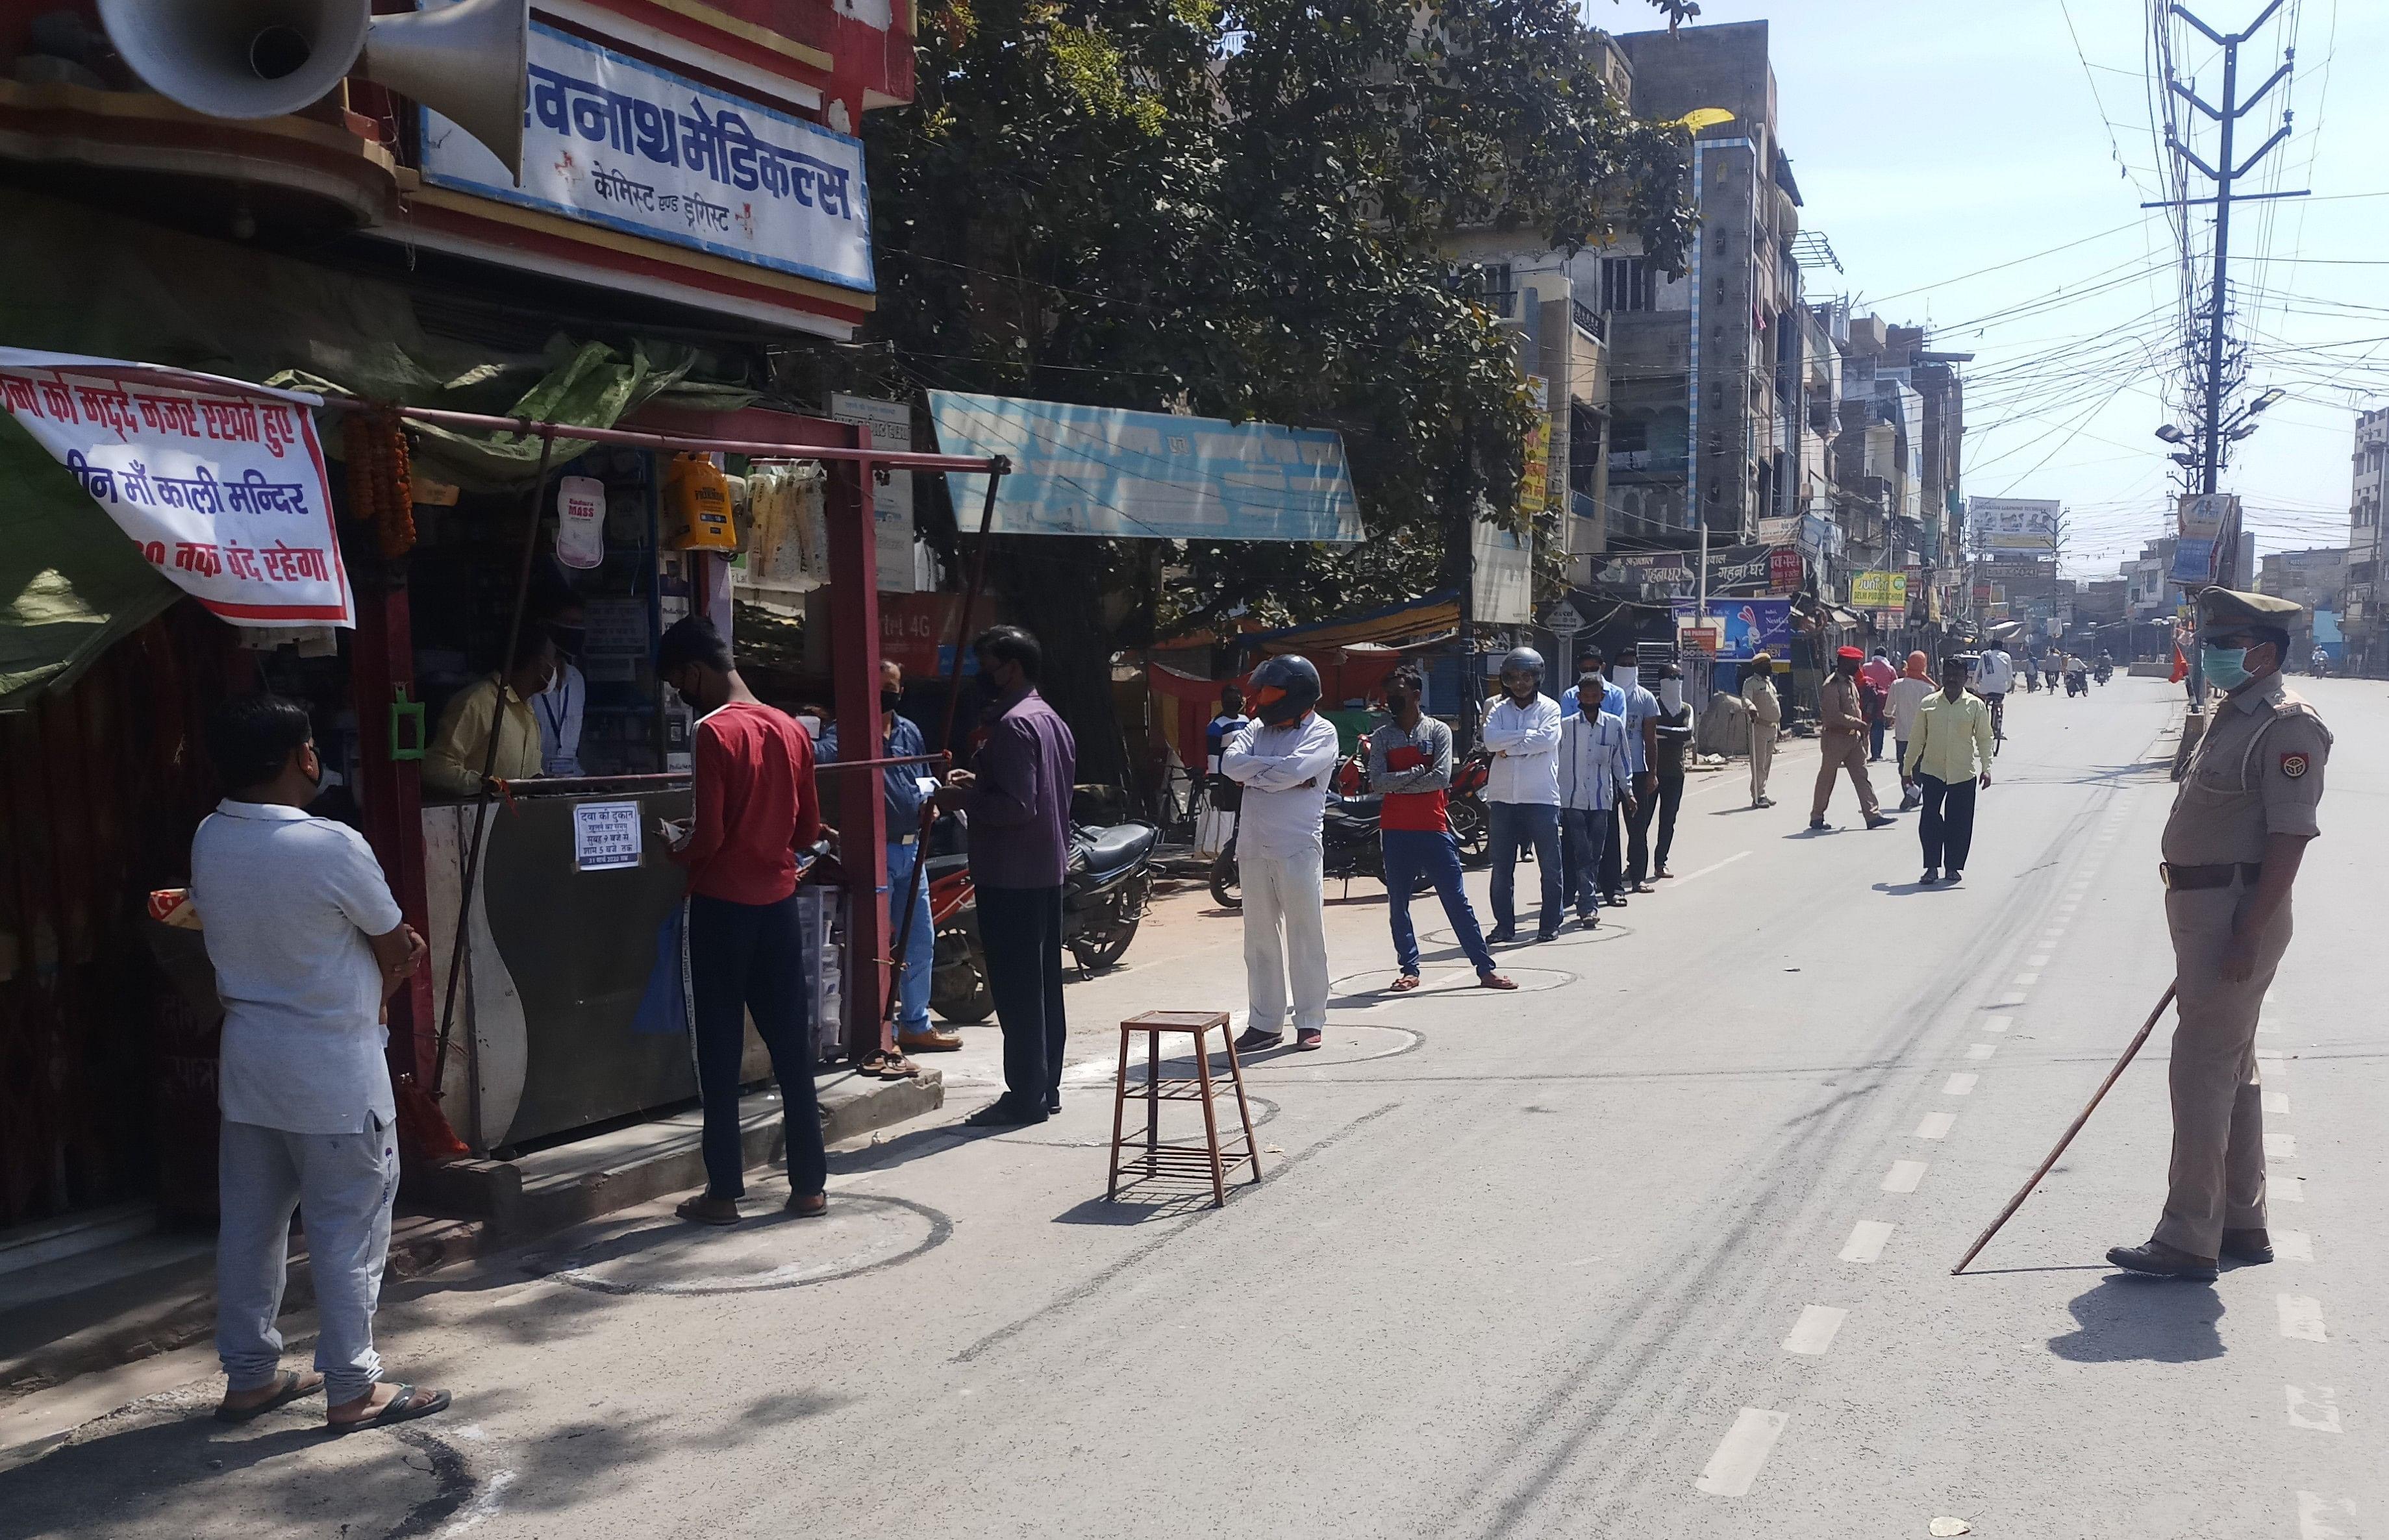 पीडीडीयू नगर में दुकान से दवा लेने के लिए एक मीटर की दूरी पर कतार में लगे लोग।